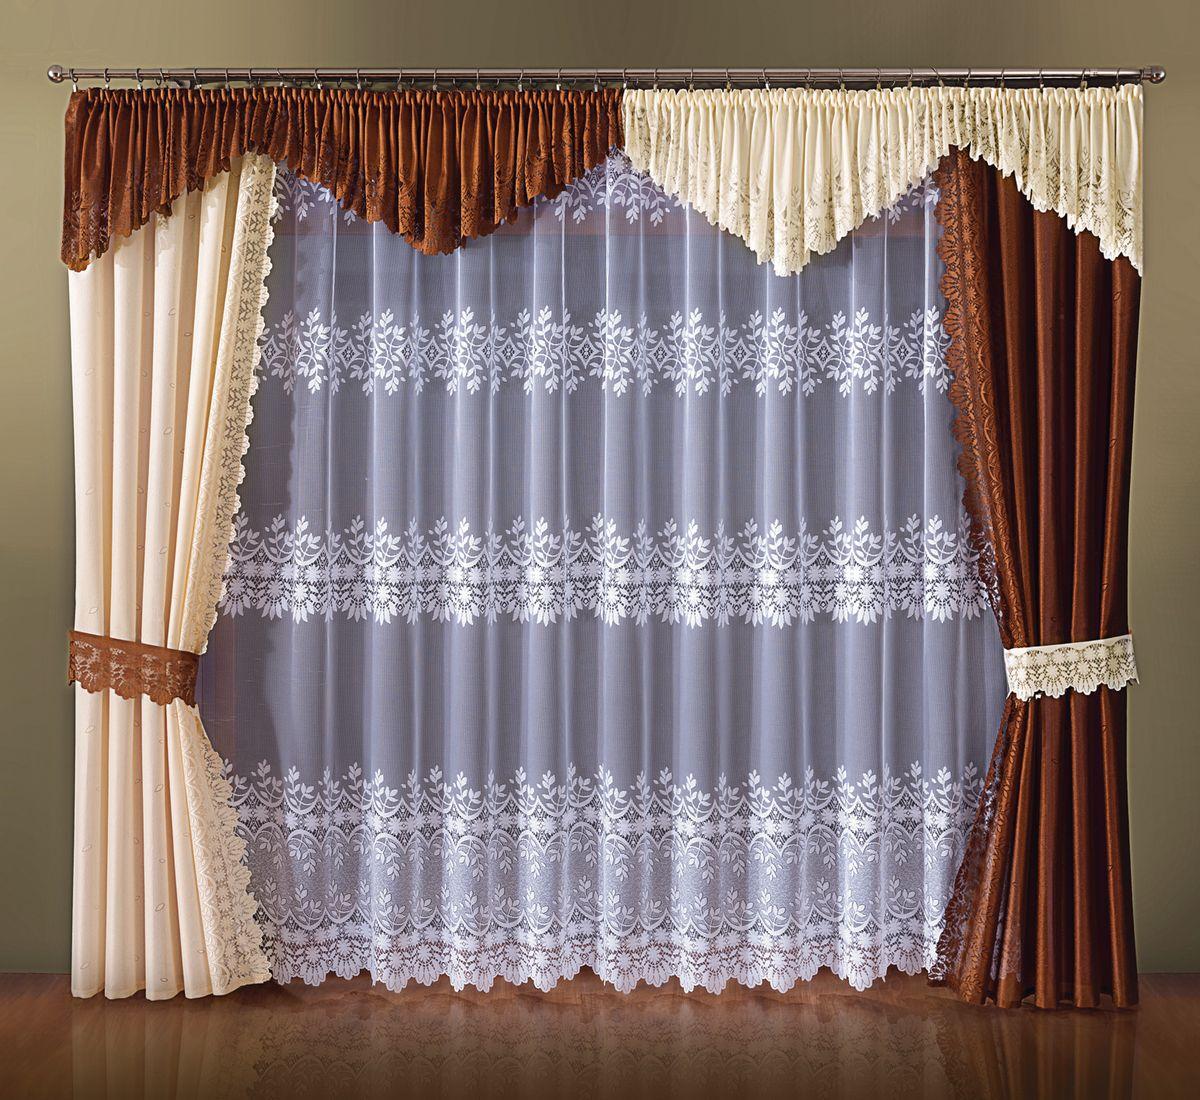 Комплект штор Wisan Cappuccino, на ленте, цвет: коричневый, кремовый, высота 250 см